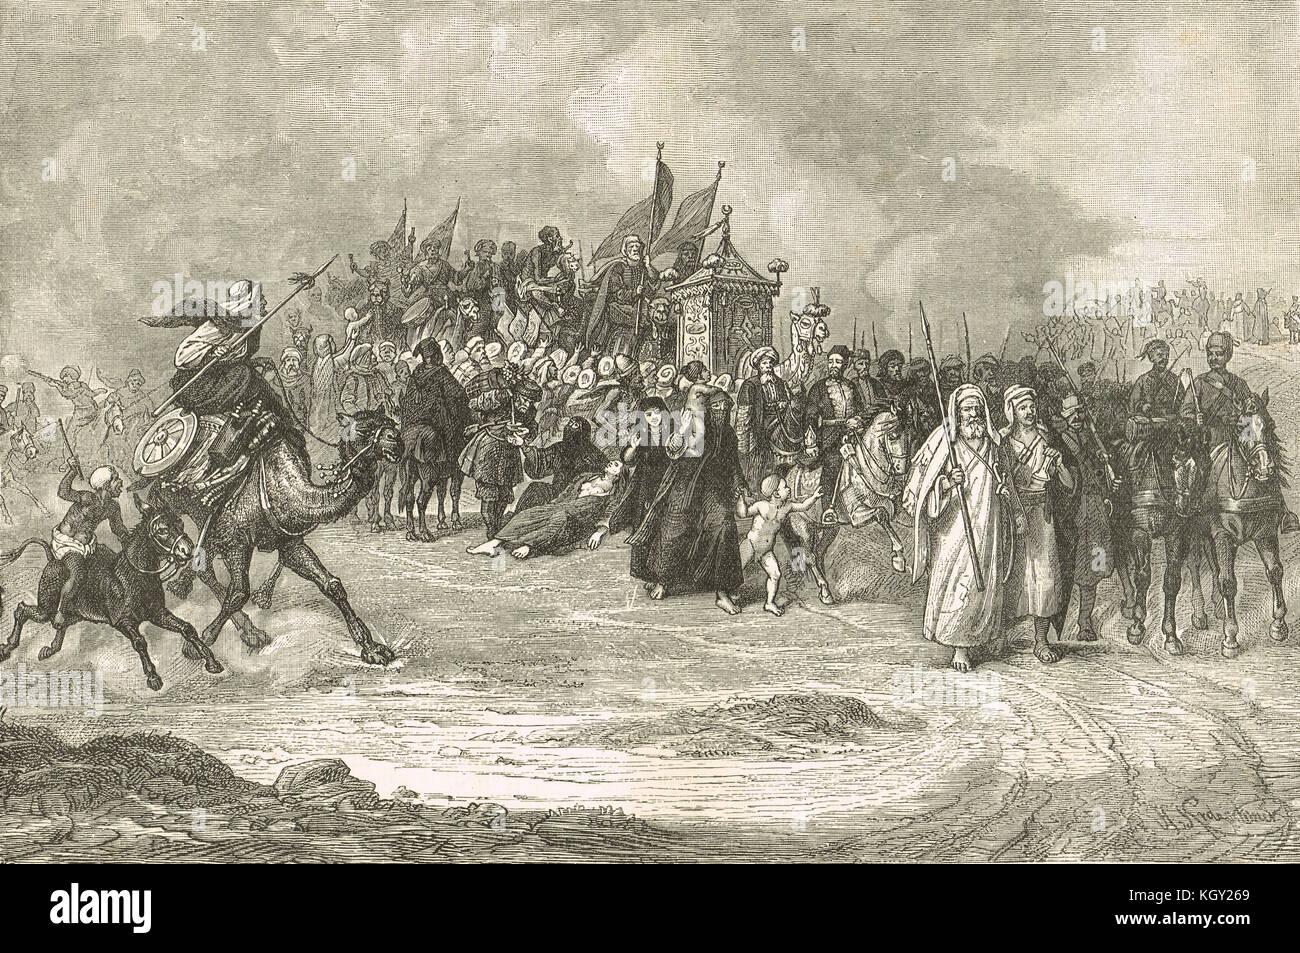 Return of the Pilgrims, Egypt, 1882 - Stock Image